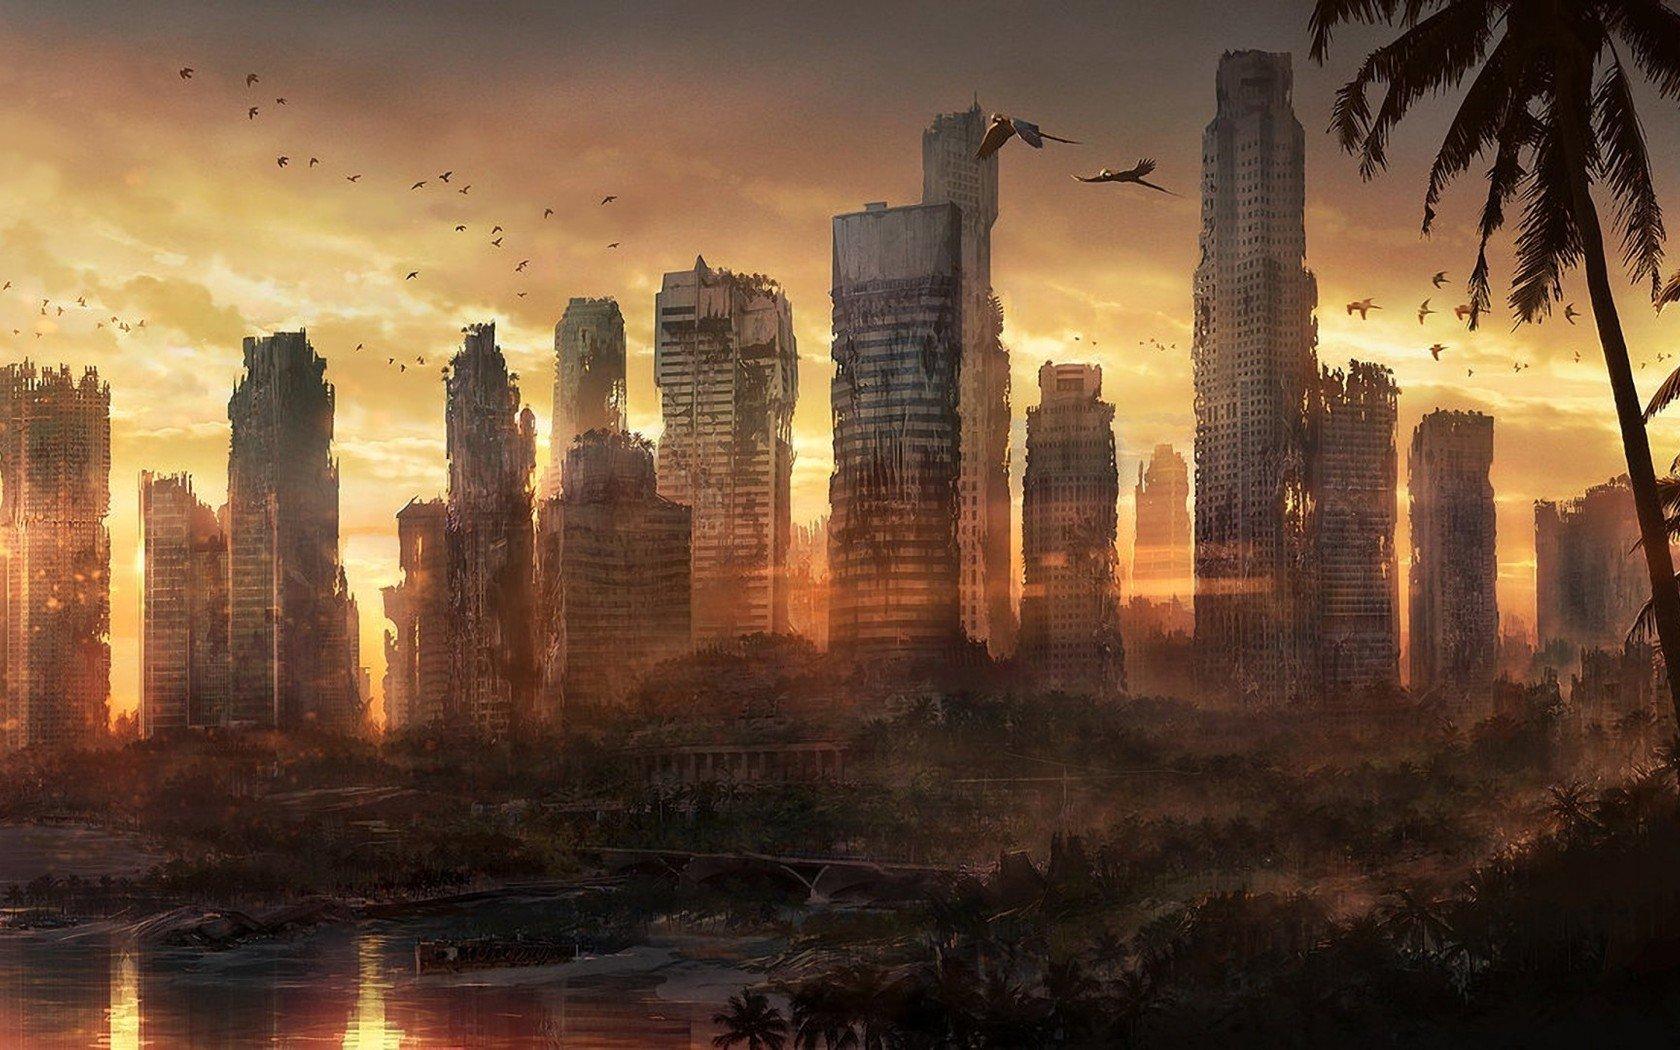 Ученые NASA признали, что апокалипсис будет: стали известны детали